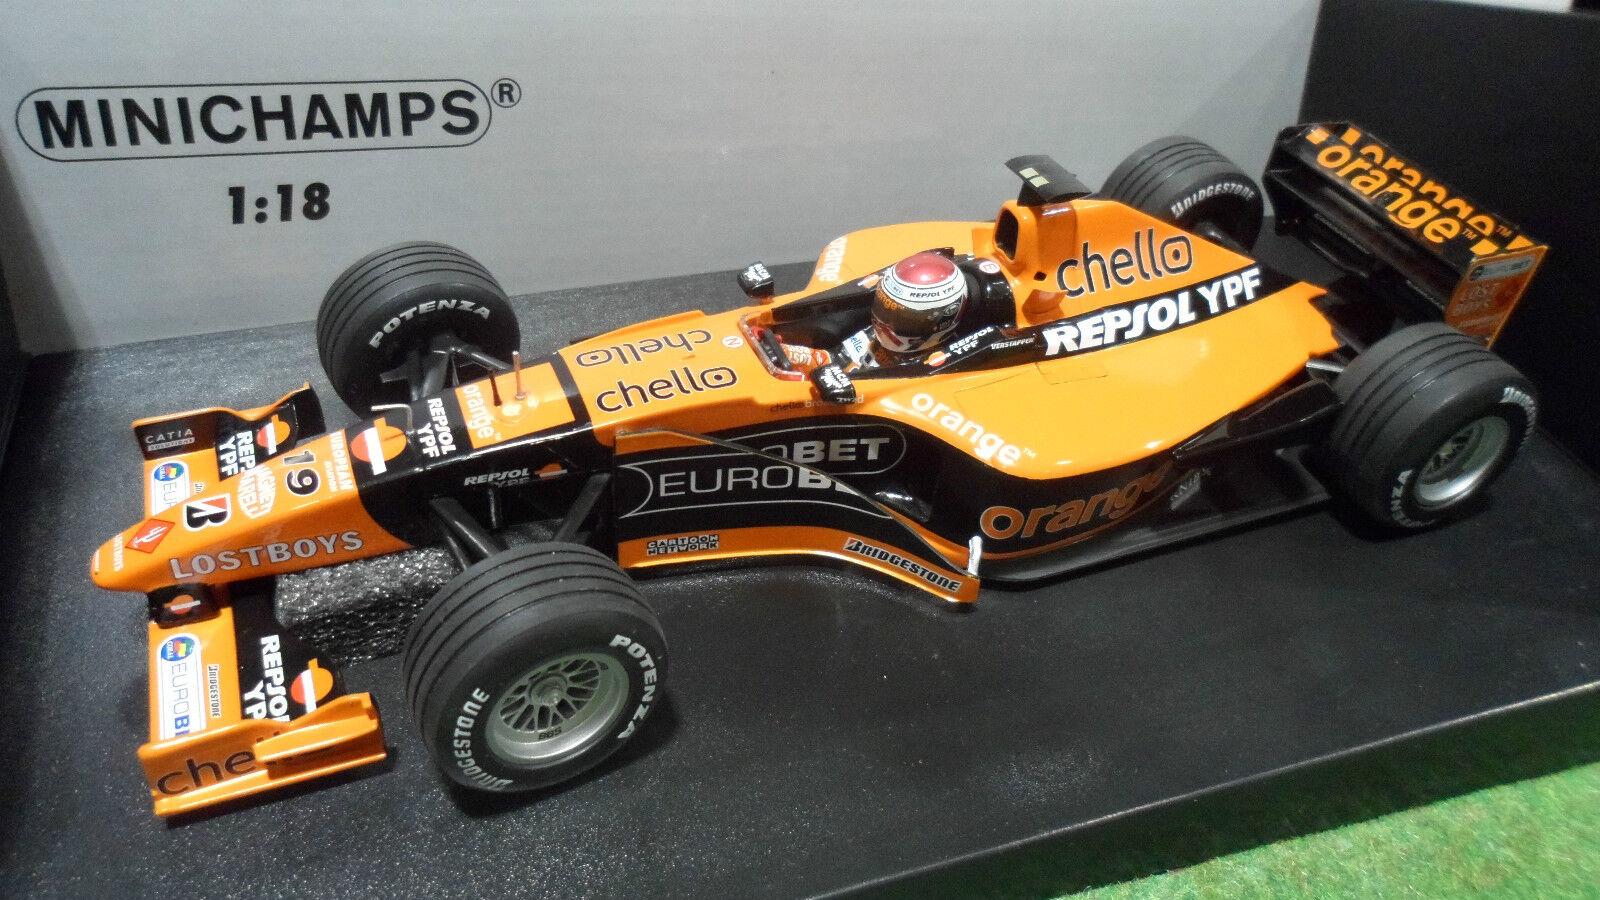 F1 ARROWS SUPERTEC A21  19 VERSTAPPEN 1 18 MINICHAMPS  180000019 voiture miniatur  nous fournissons le meilleur